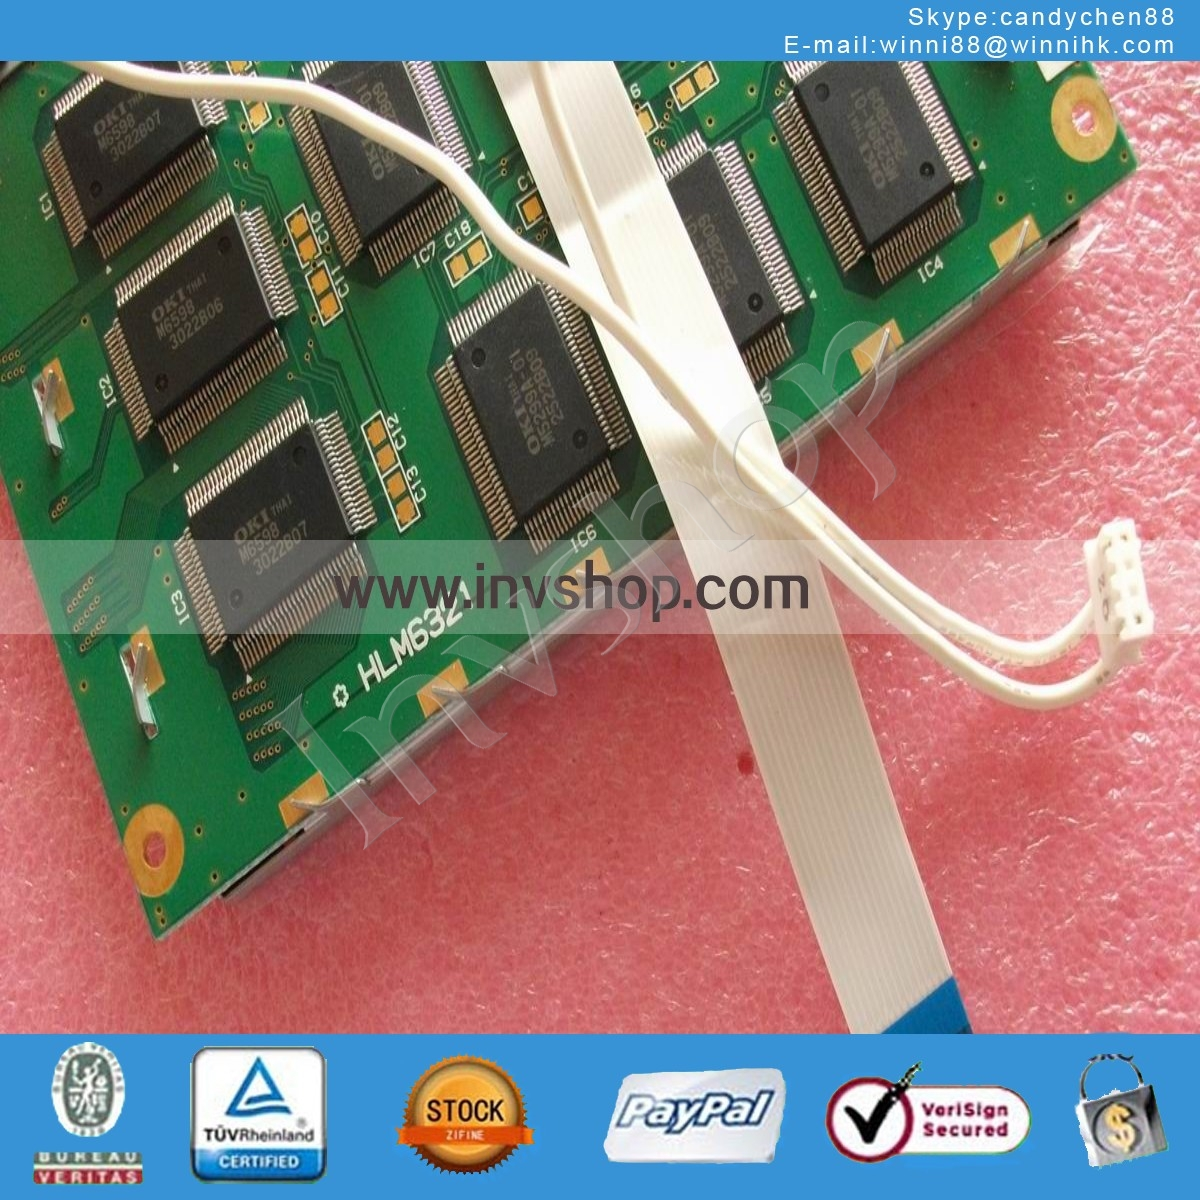 ONE NEW Hosiden STN 320*240 LCD Display Panel HLM6321